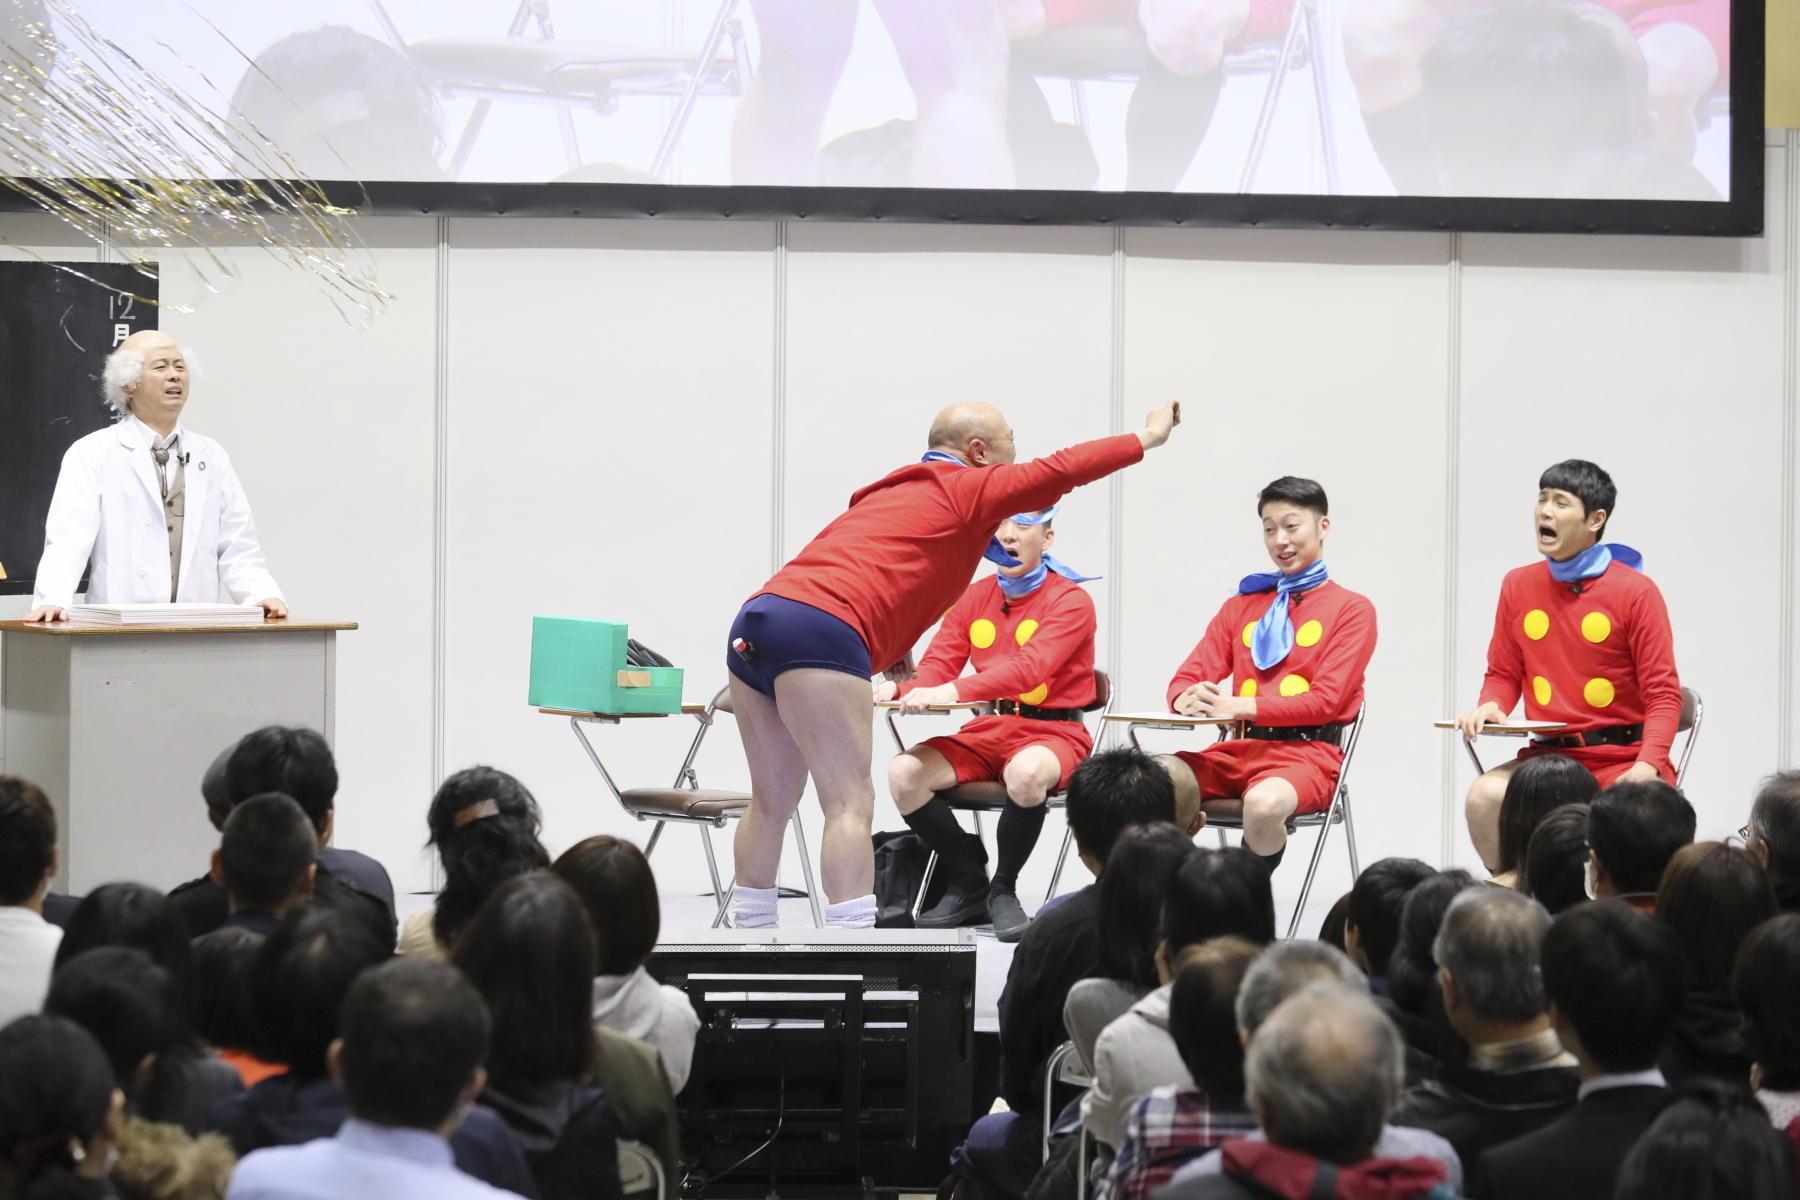 http://news.yoshimoto.co.jp/20181208232927-1131ca6dcc225ce883dcb237f7cfbb1f851d9cc7.jpg